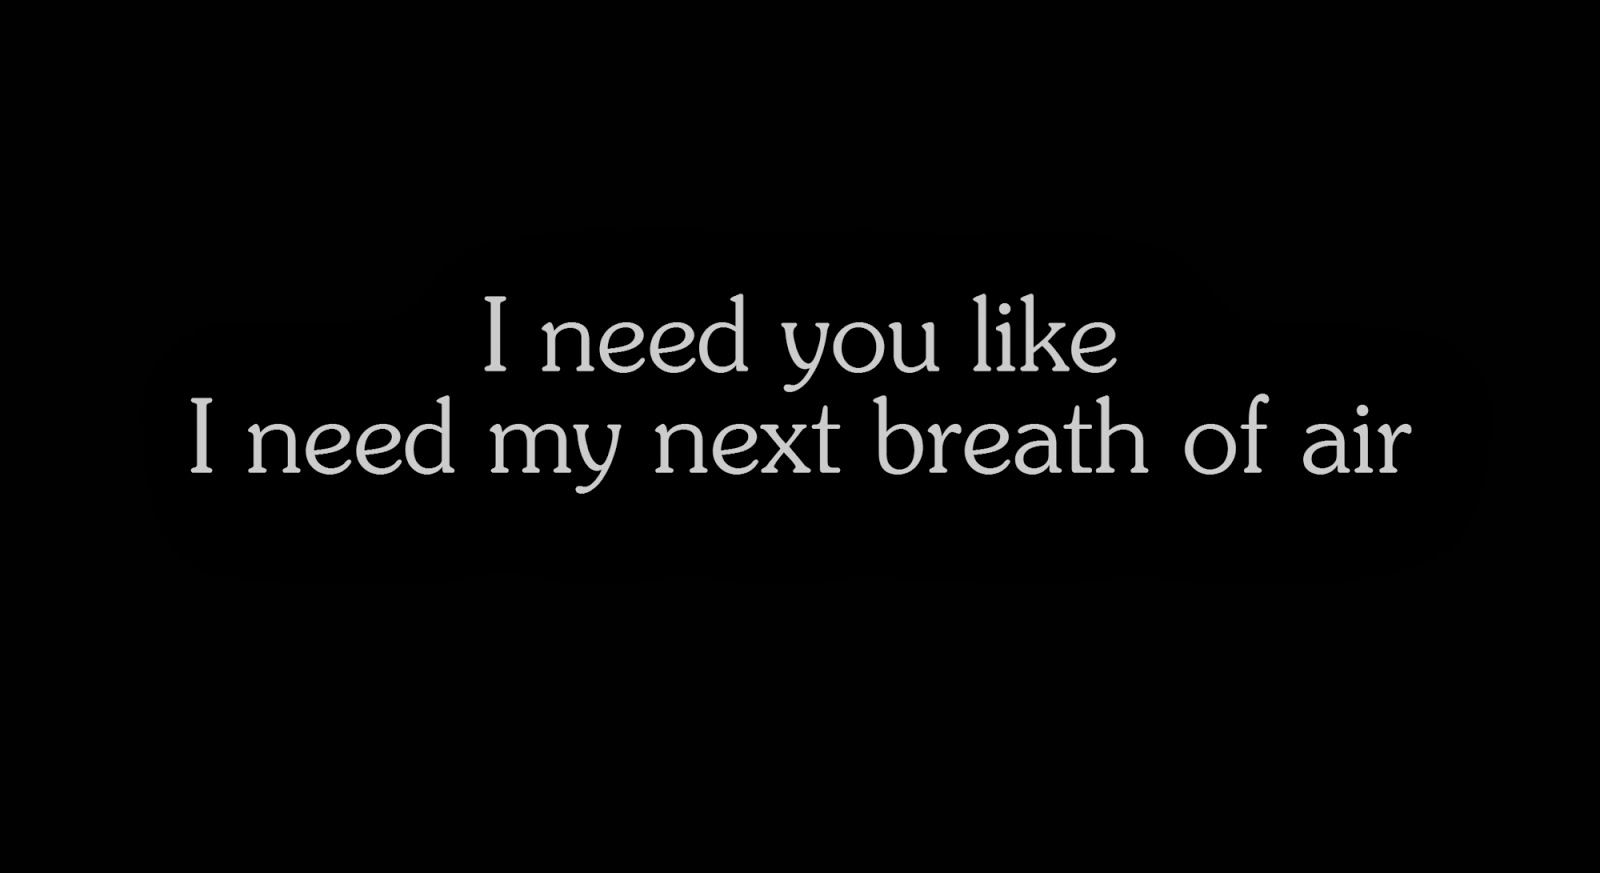 I need you like I need my next breath of air